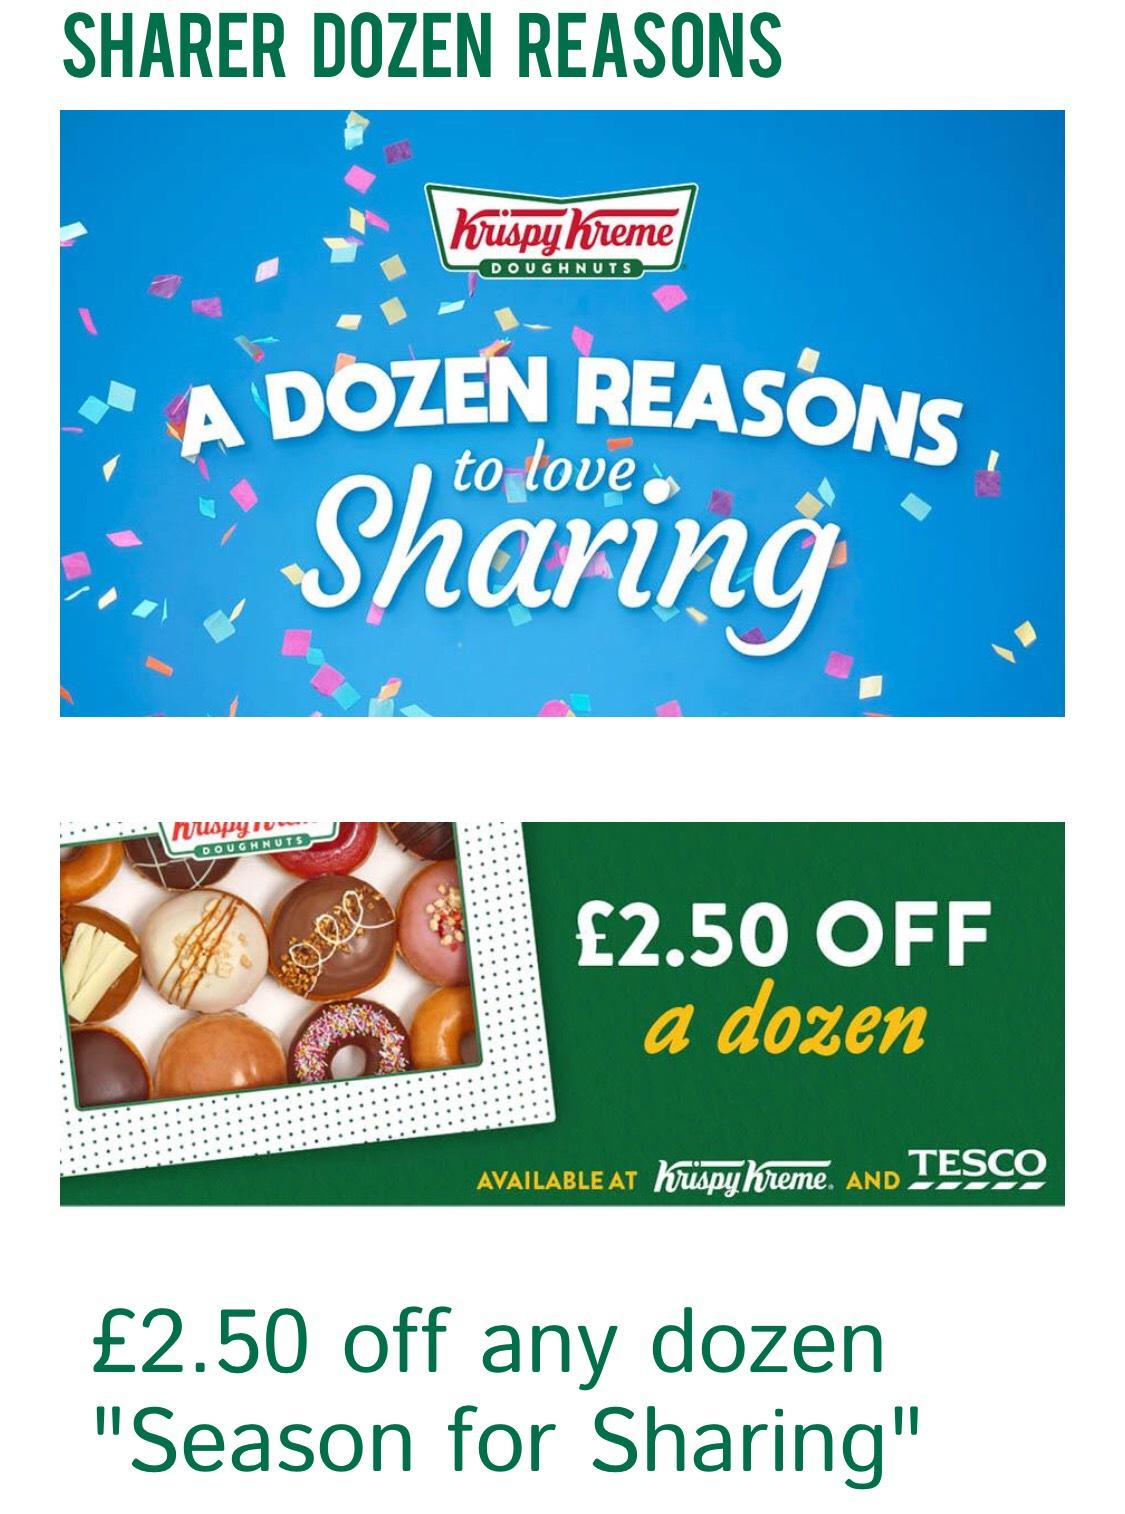 £2.50 off any Dozen at Krispy Kreme